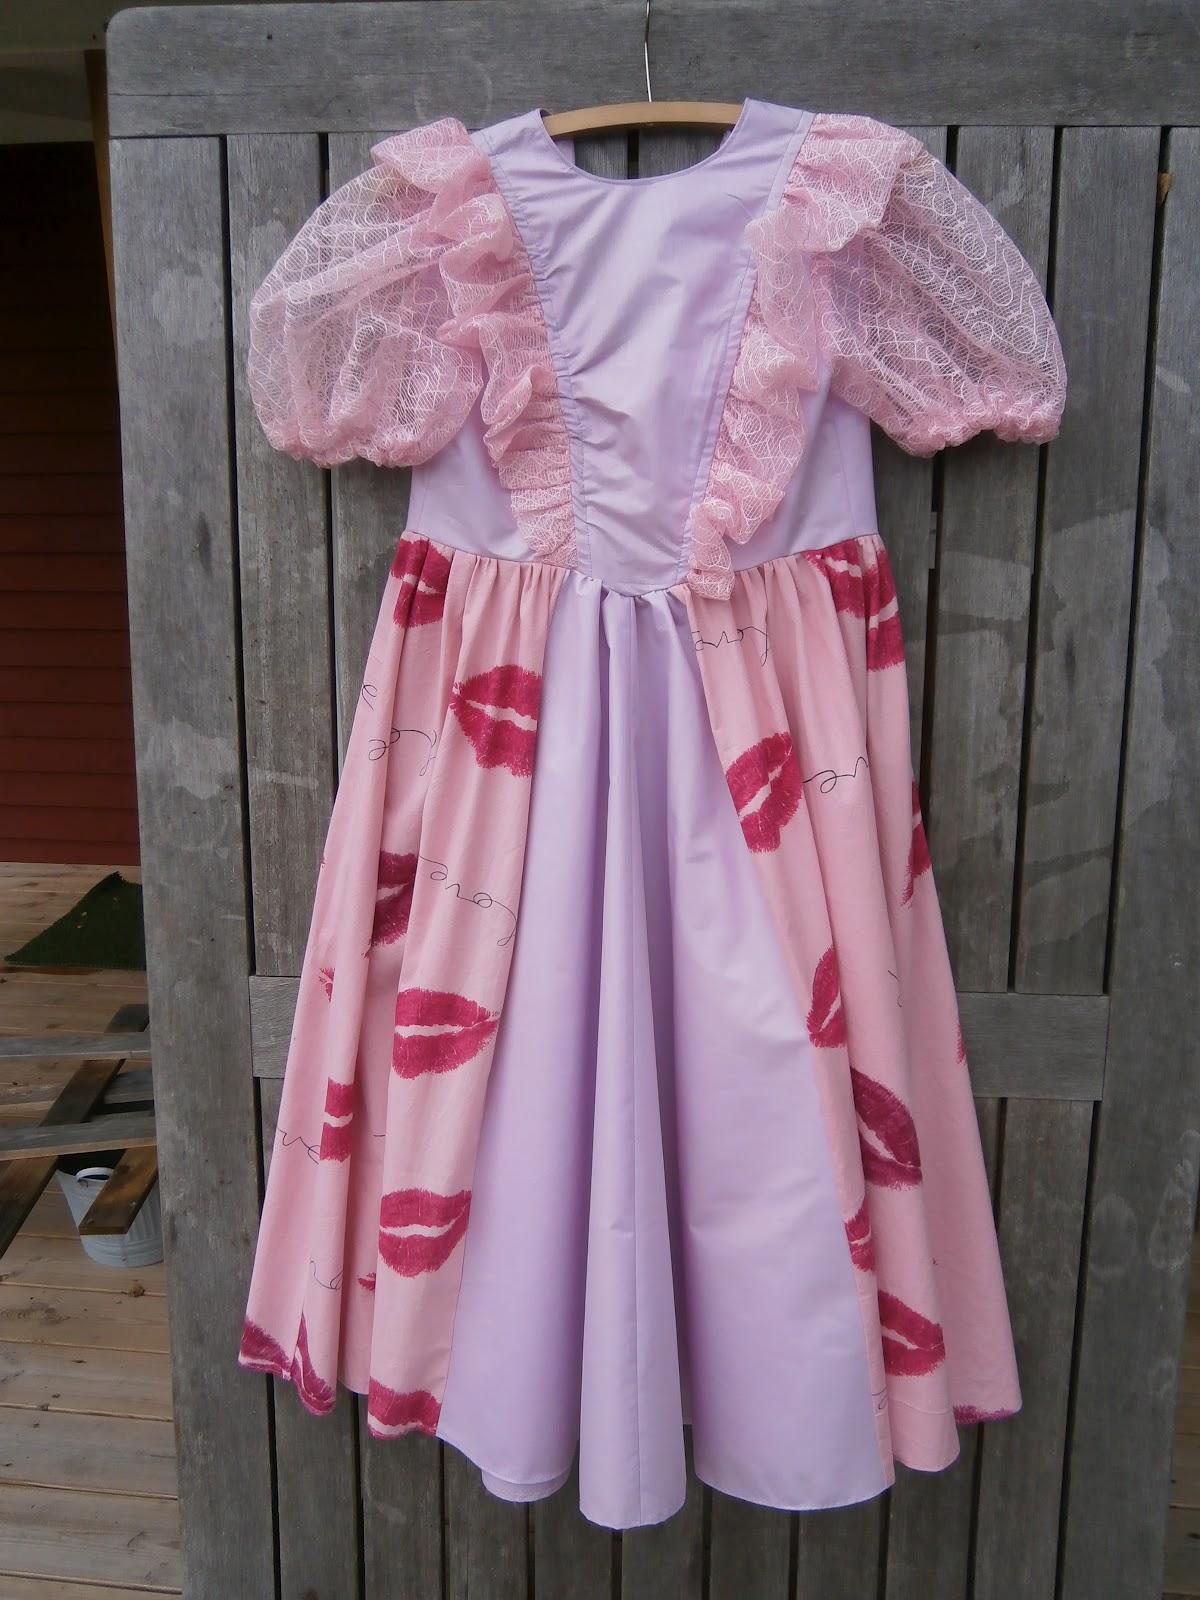 Tekstilarkivet: september 2012